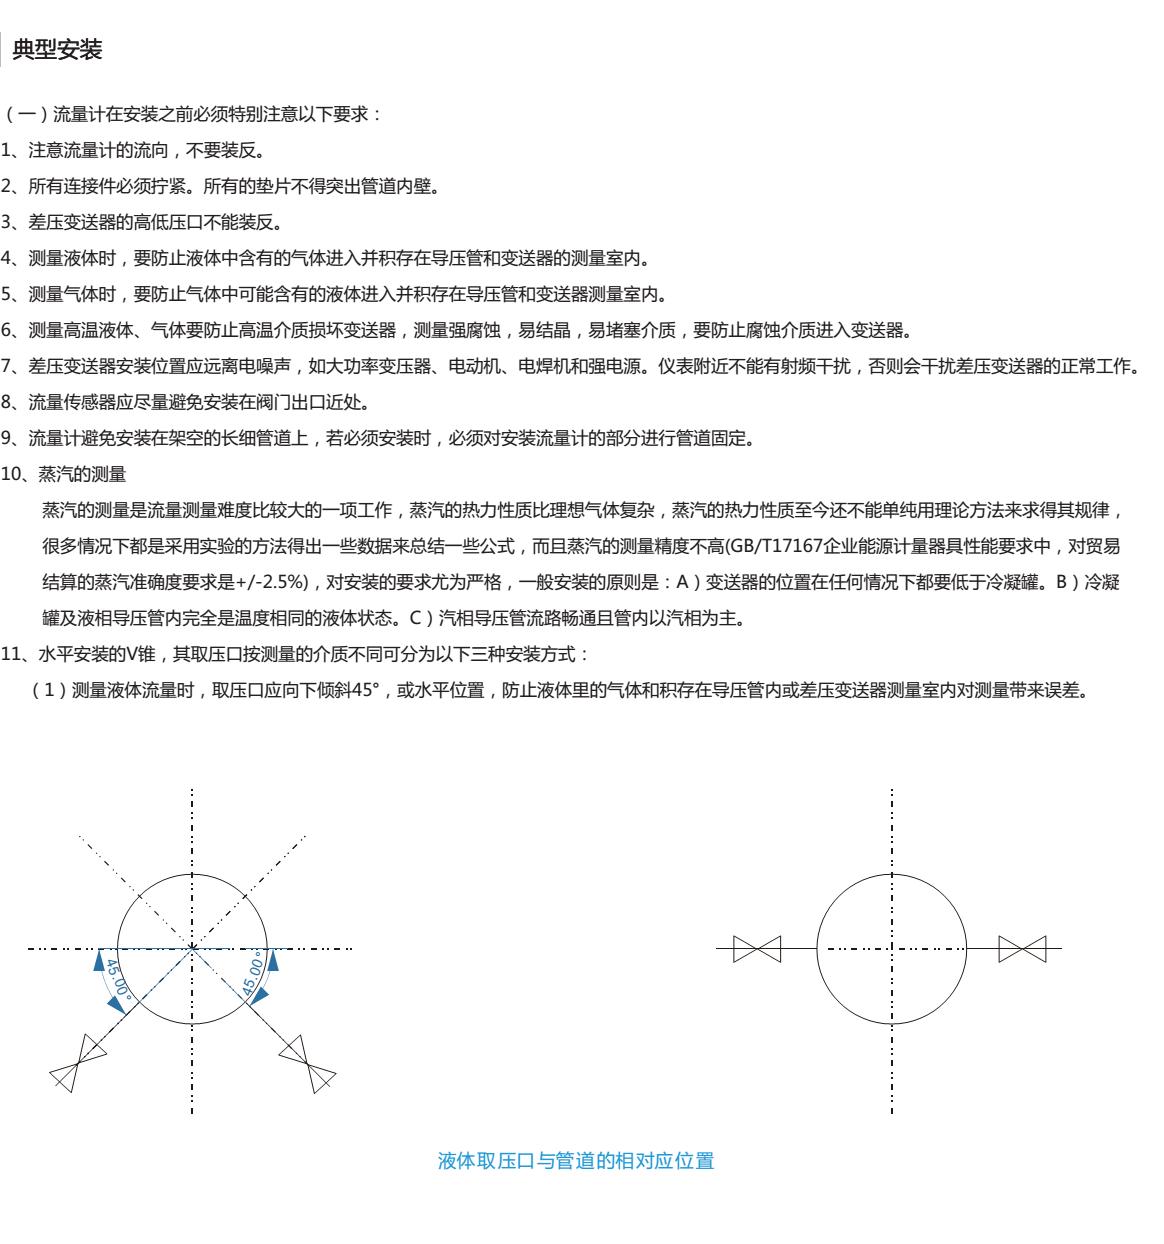 DN40差压式V锥流量计选型4